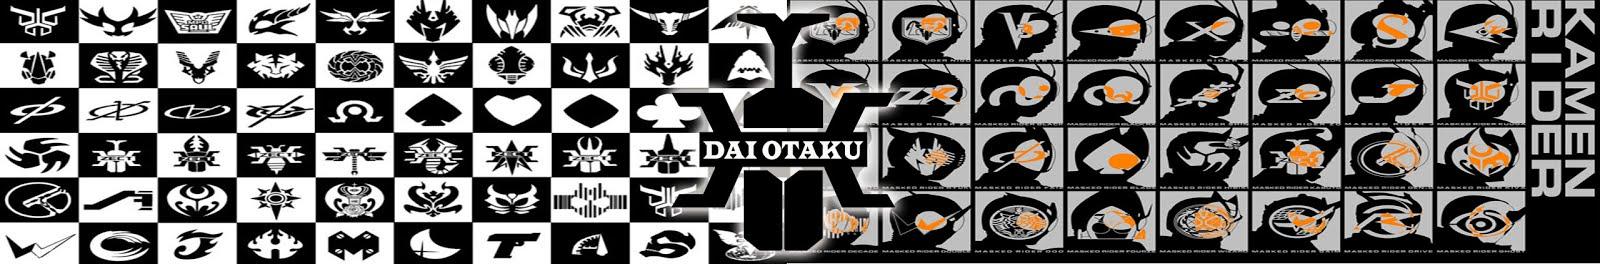 Tokusatsu Wallpaper